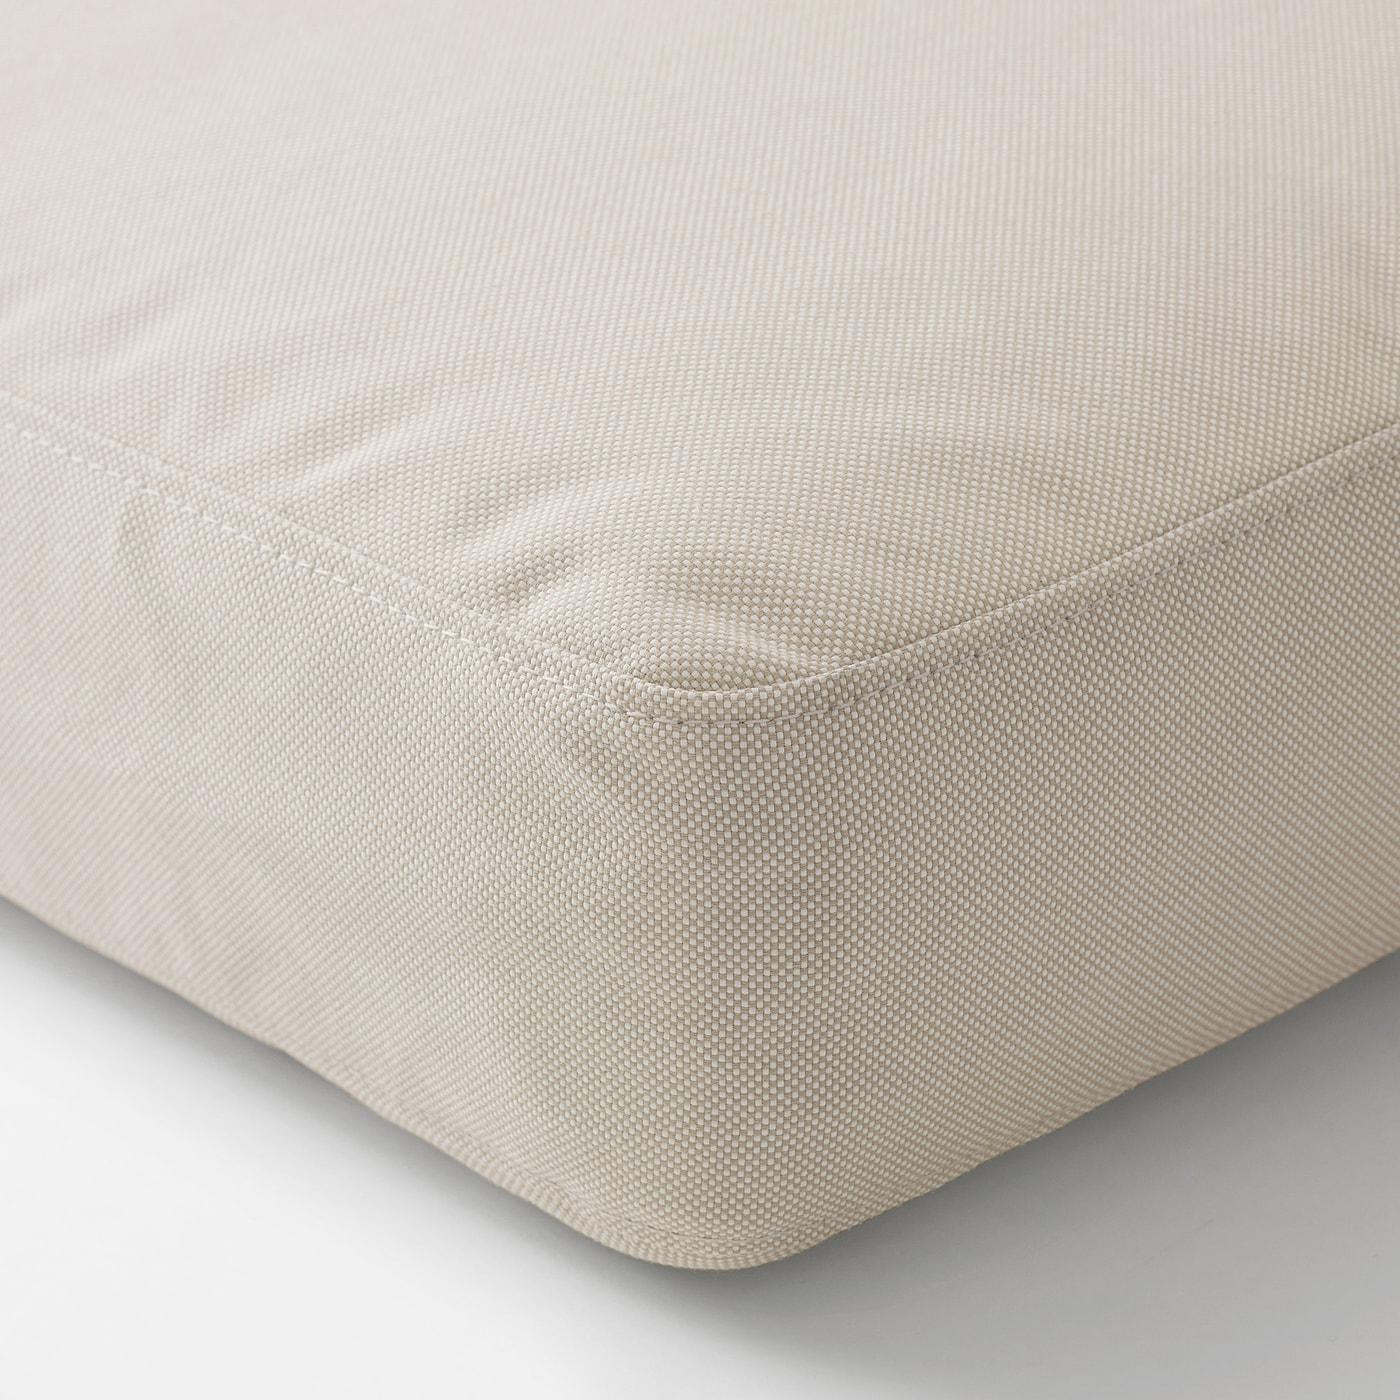 FRÖSÖN/DUVHOLMEN Sitzpolster/außen, beige, 62x62 cm